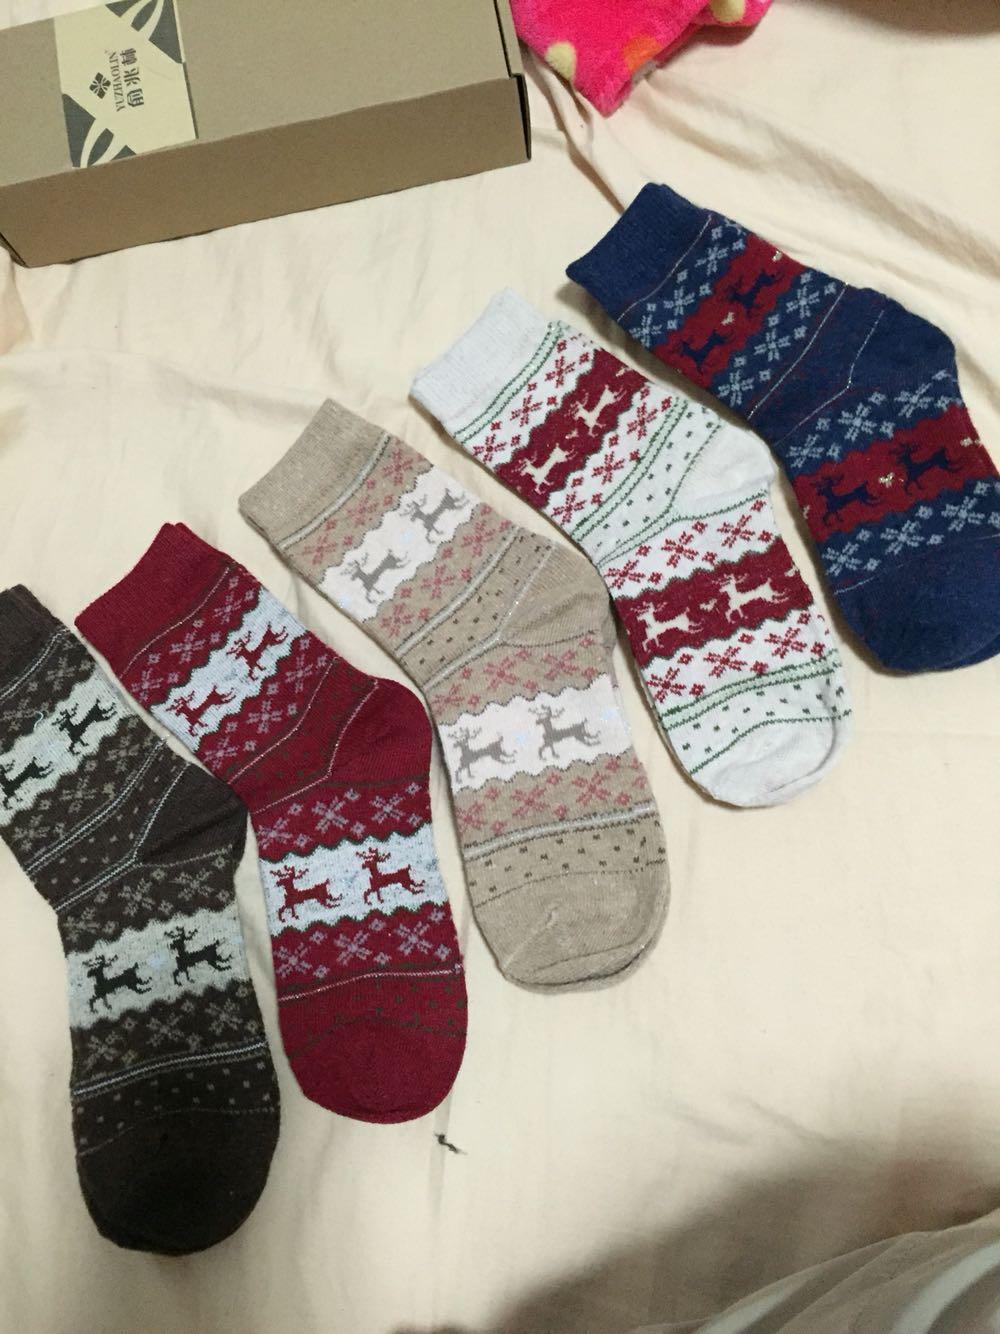 Bon, c\'est un peu dur, que des chaussettes épaisses d\'un point, très chaud.C\'est la couleur de seulement deux, pas trop beau! jennifer meyer jewlery airmax97 0930496 bags